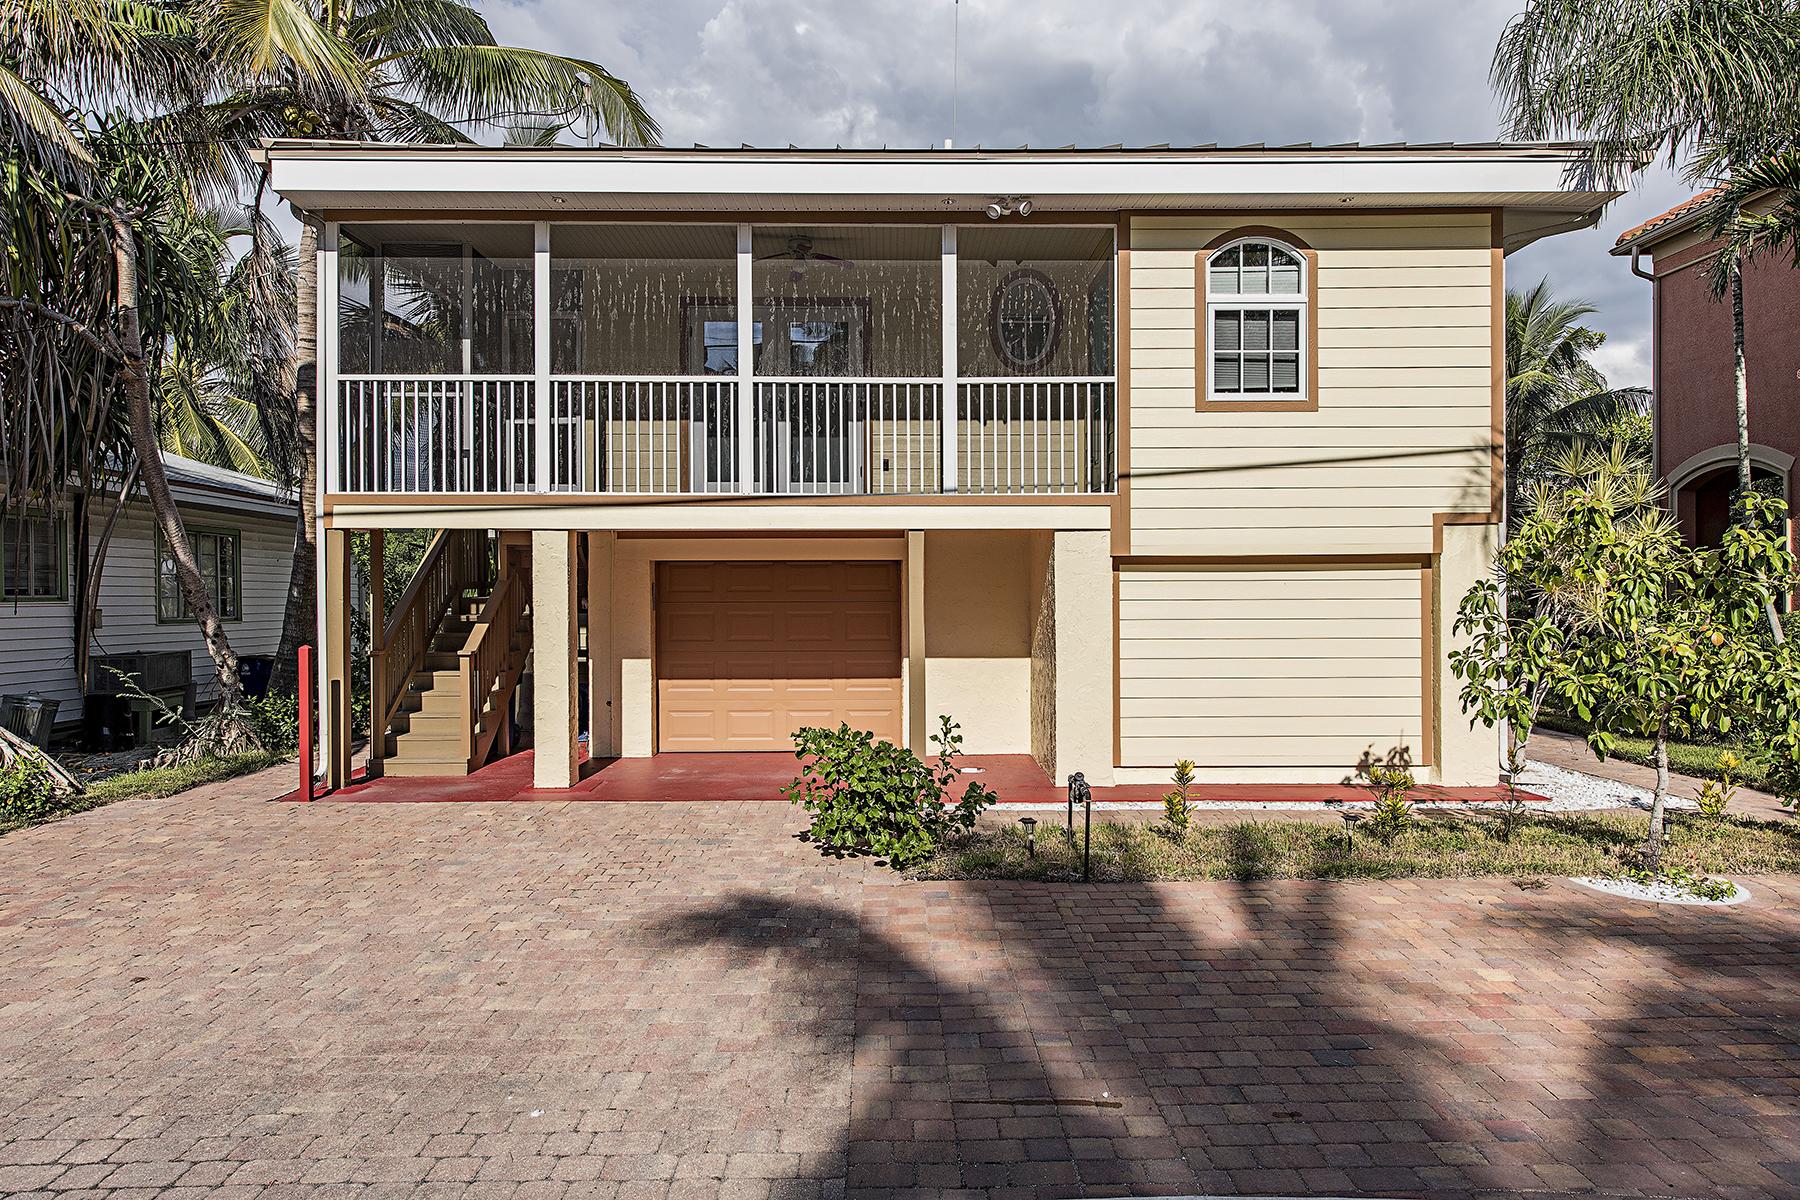 Tek Ailelik Ev için Satış at Bonita Springs 26867 Hickory Blvd Bonita Springs, Florida, 34134 Amerika Birleşik Devletleri